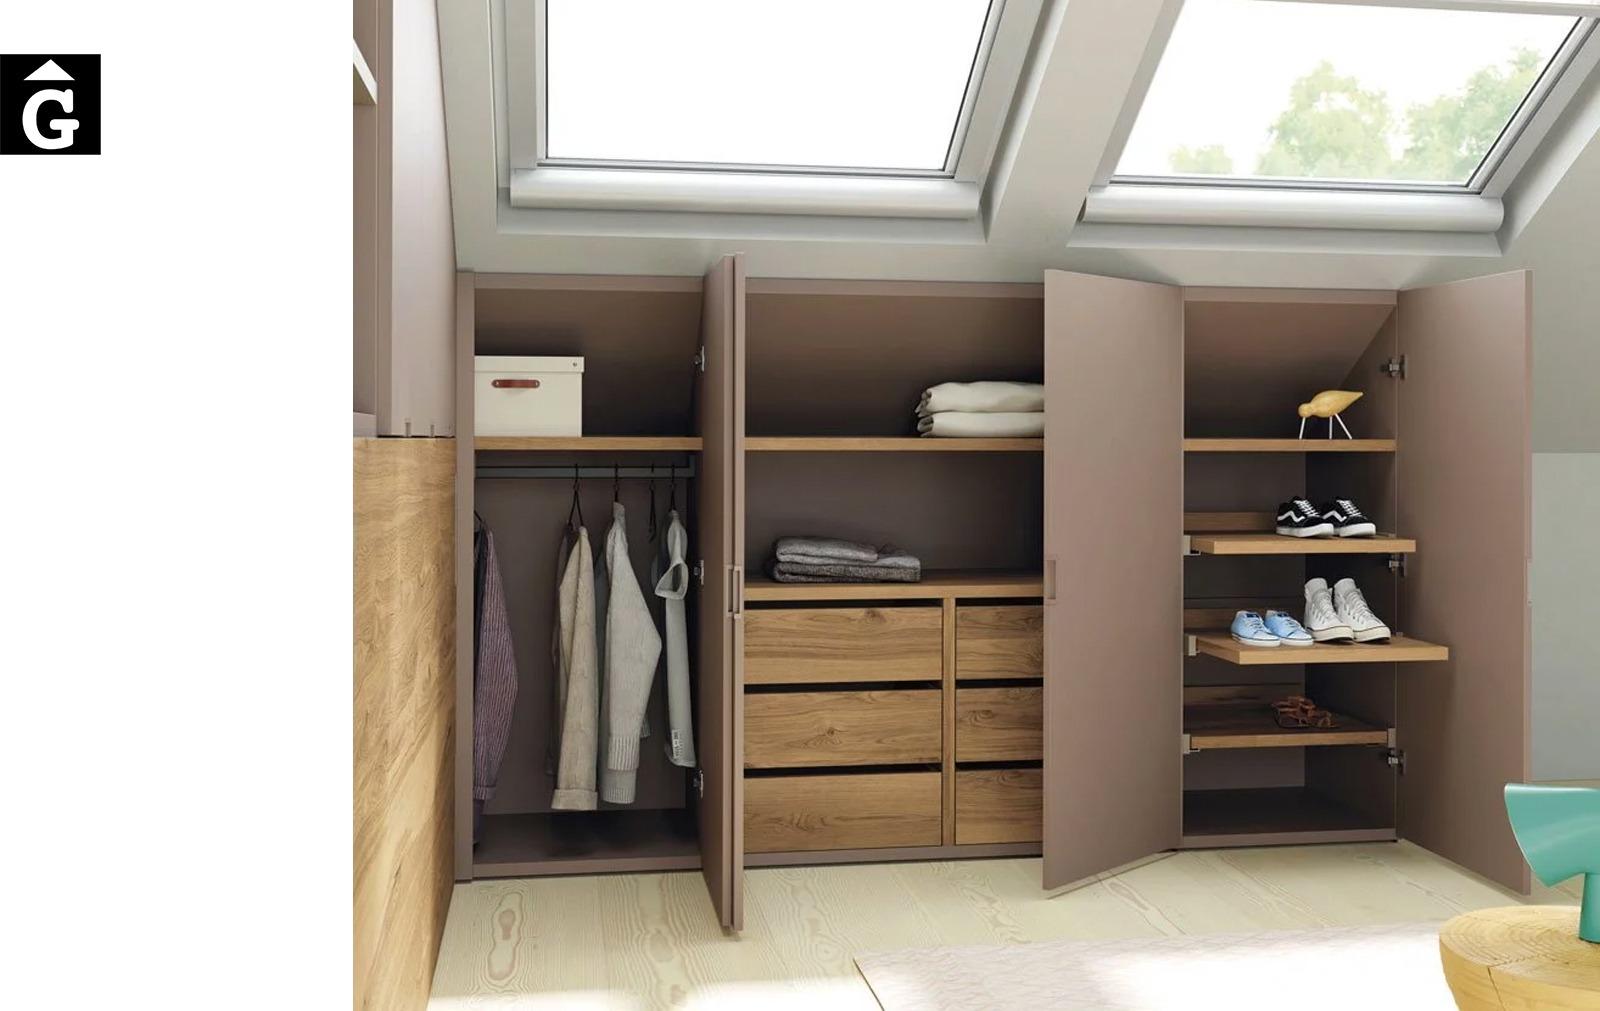 Habitació llit habatible a les golfes amb armaris | Up & Down | llits abatibles | Pràctics, saludables i segurs | Jotajotape | mobles Gifreu